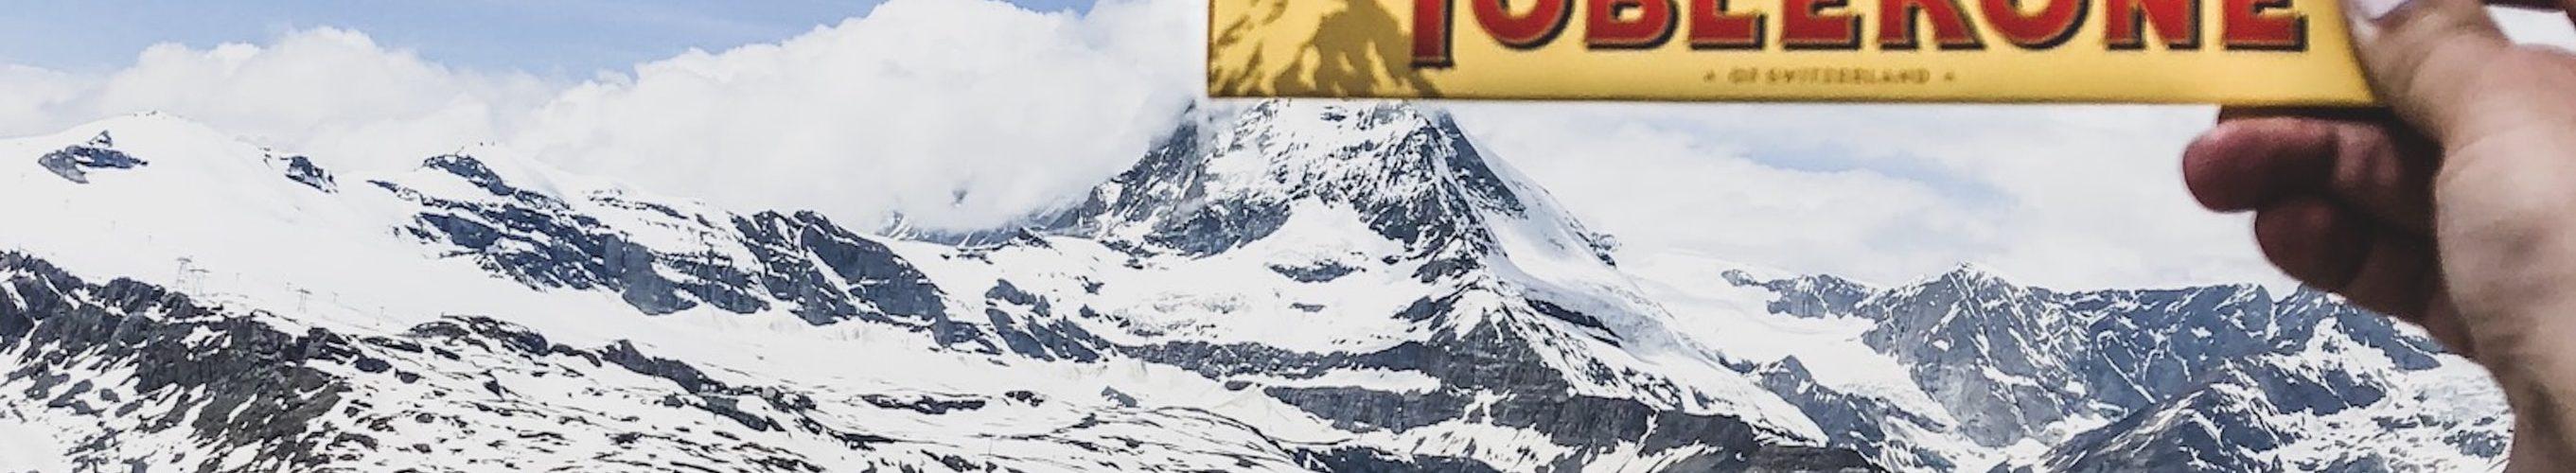 toblerone-chocola-bergen